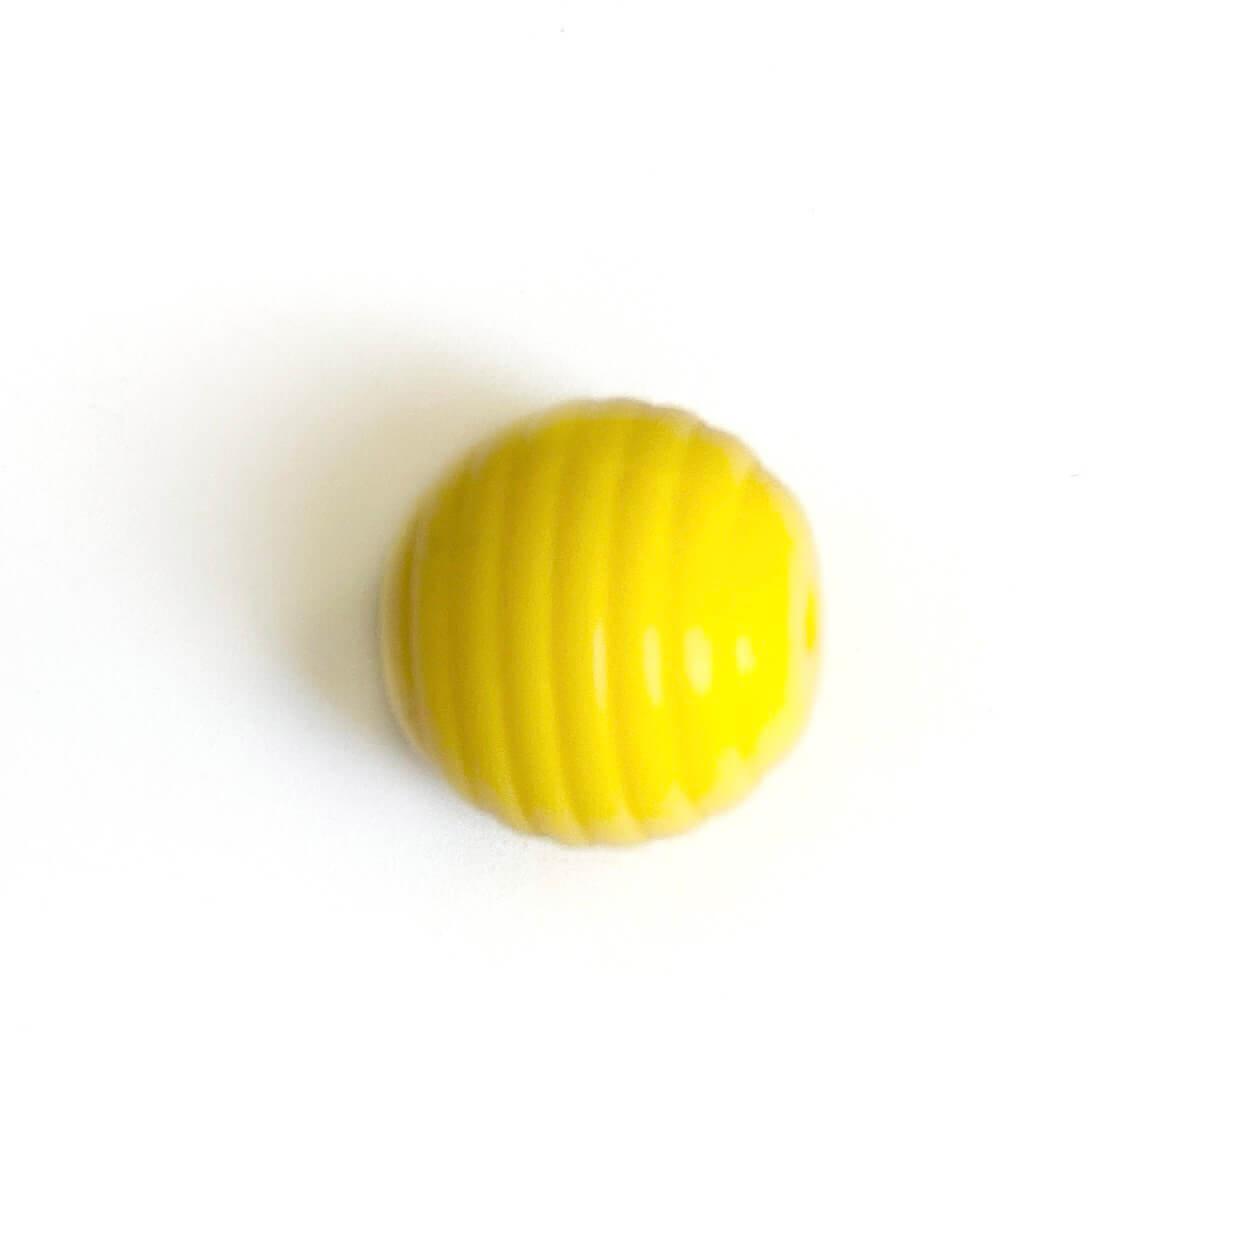 Волнистая 15мм (желтый) круглая, силиконовая бусина